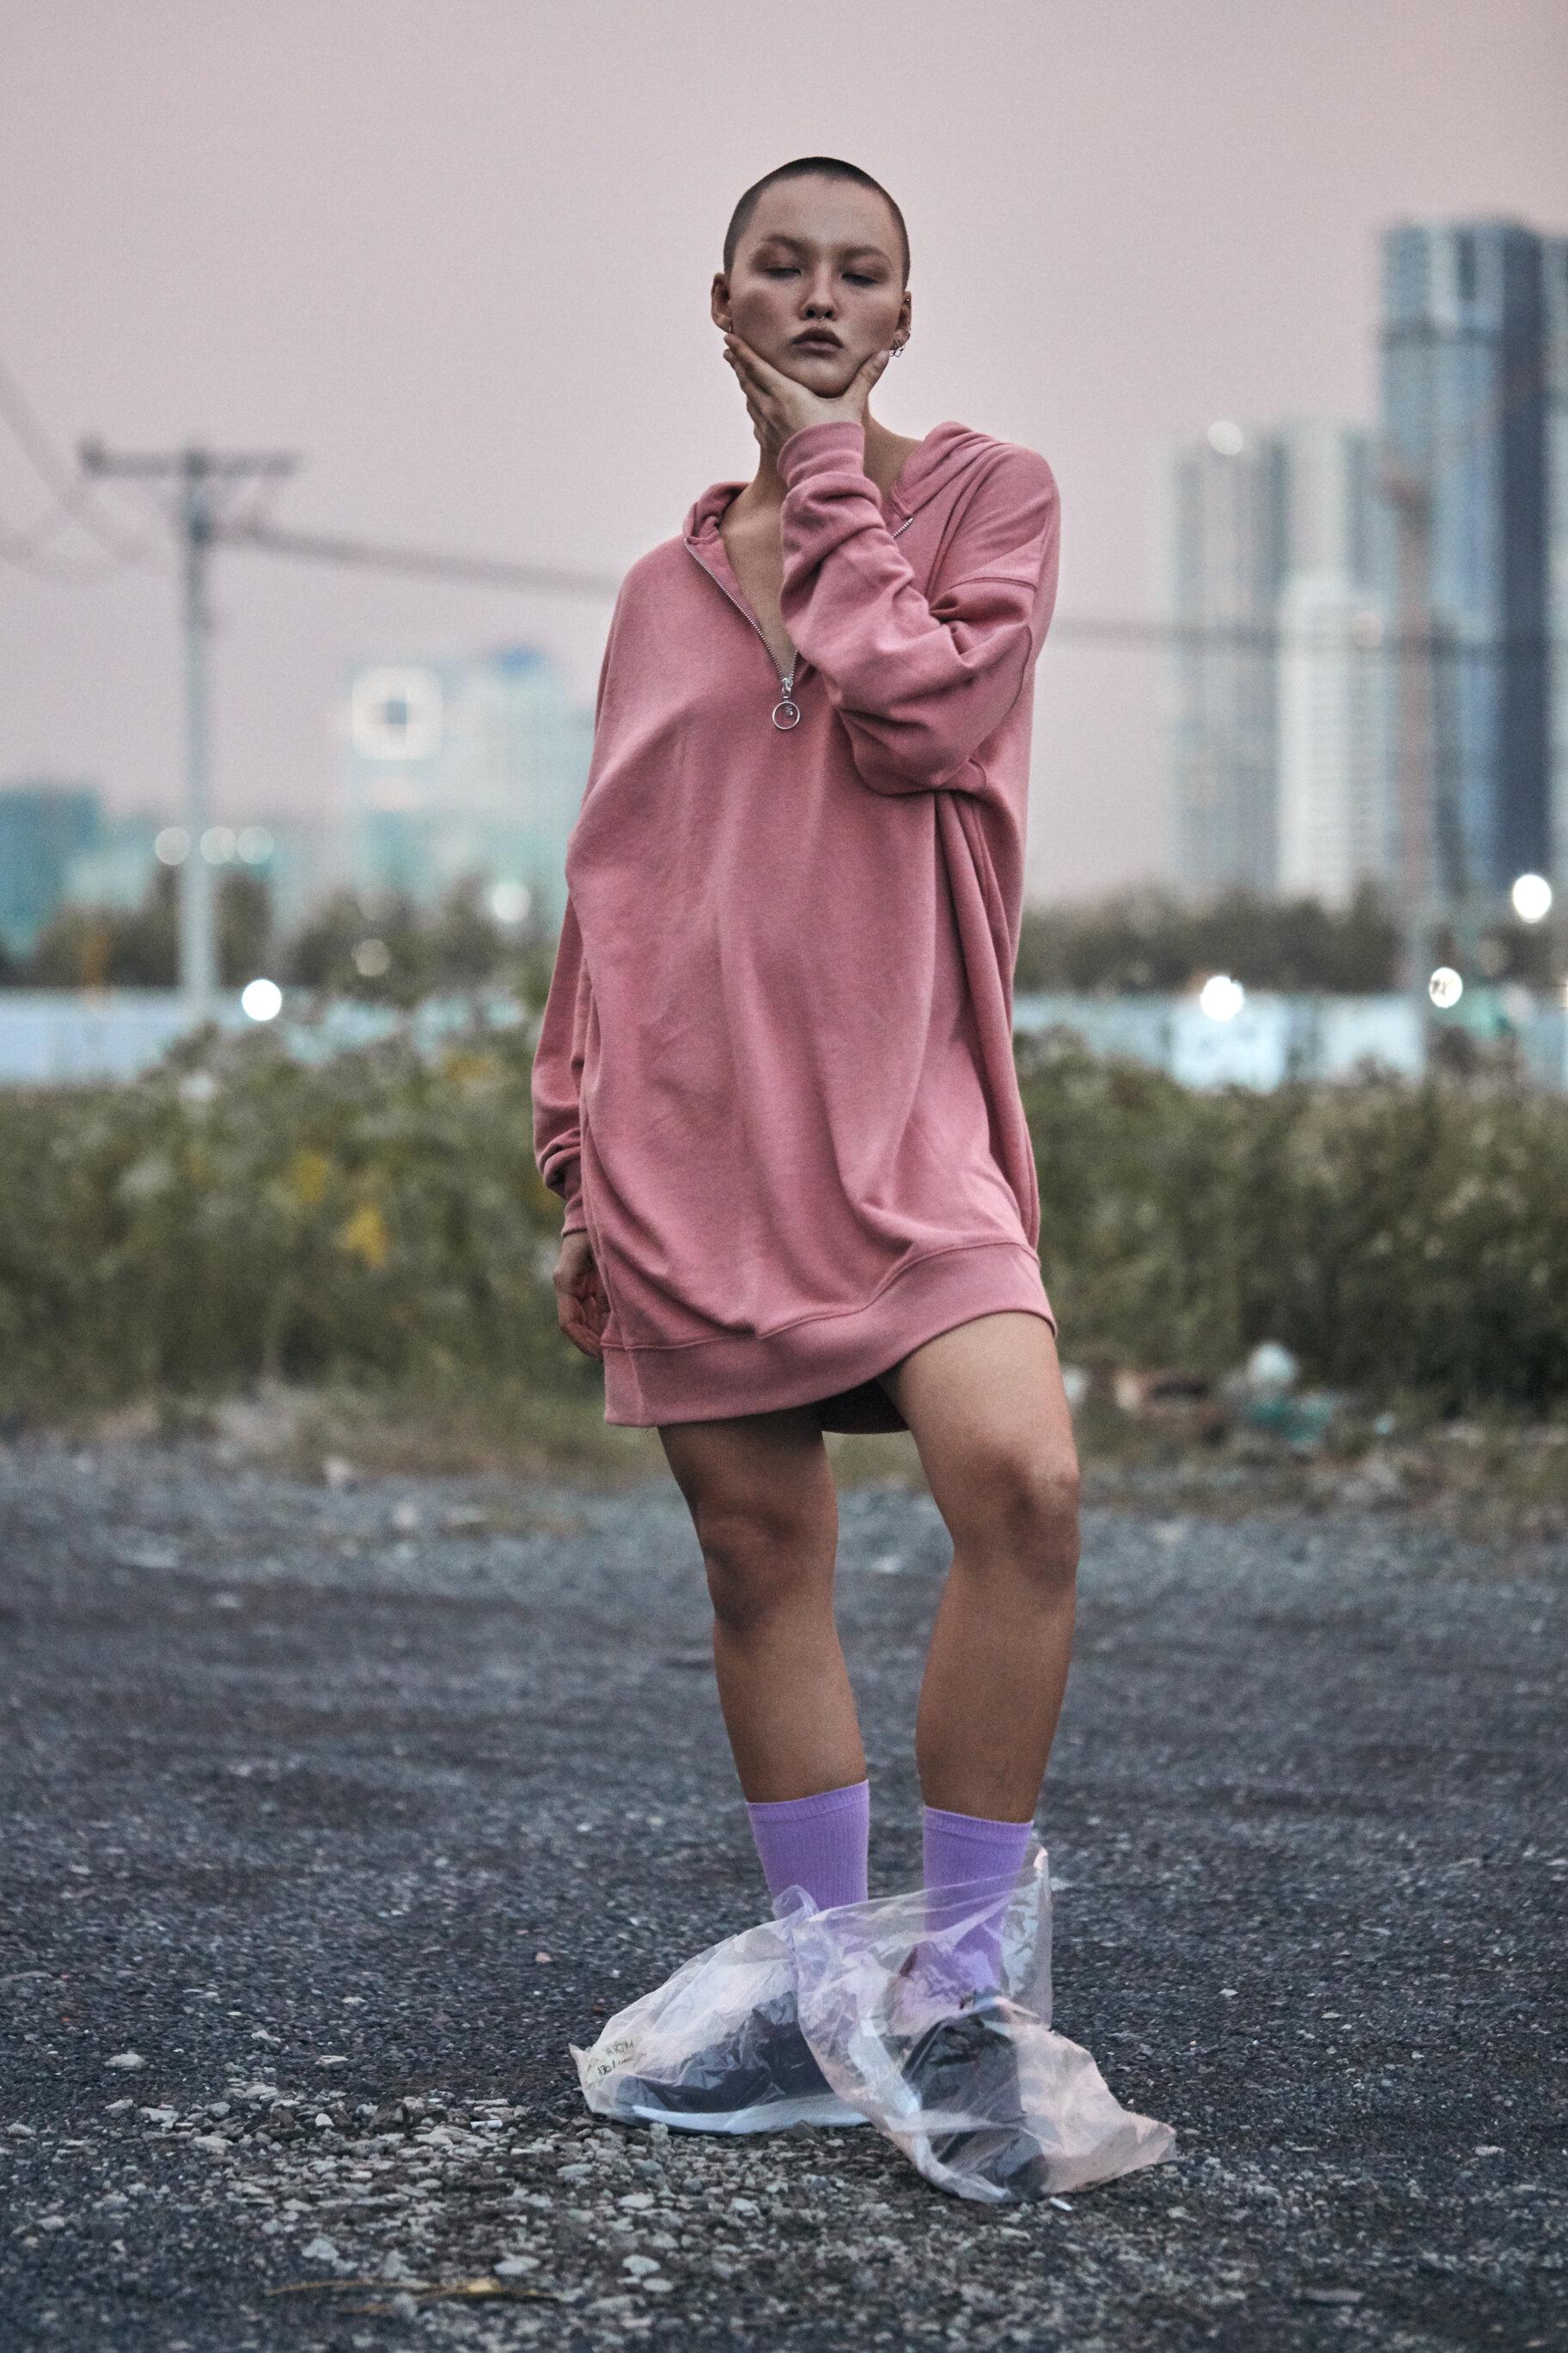 Dasha Nguyen for Hug - Saigon, 2019